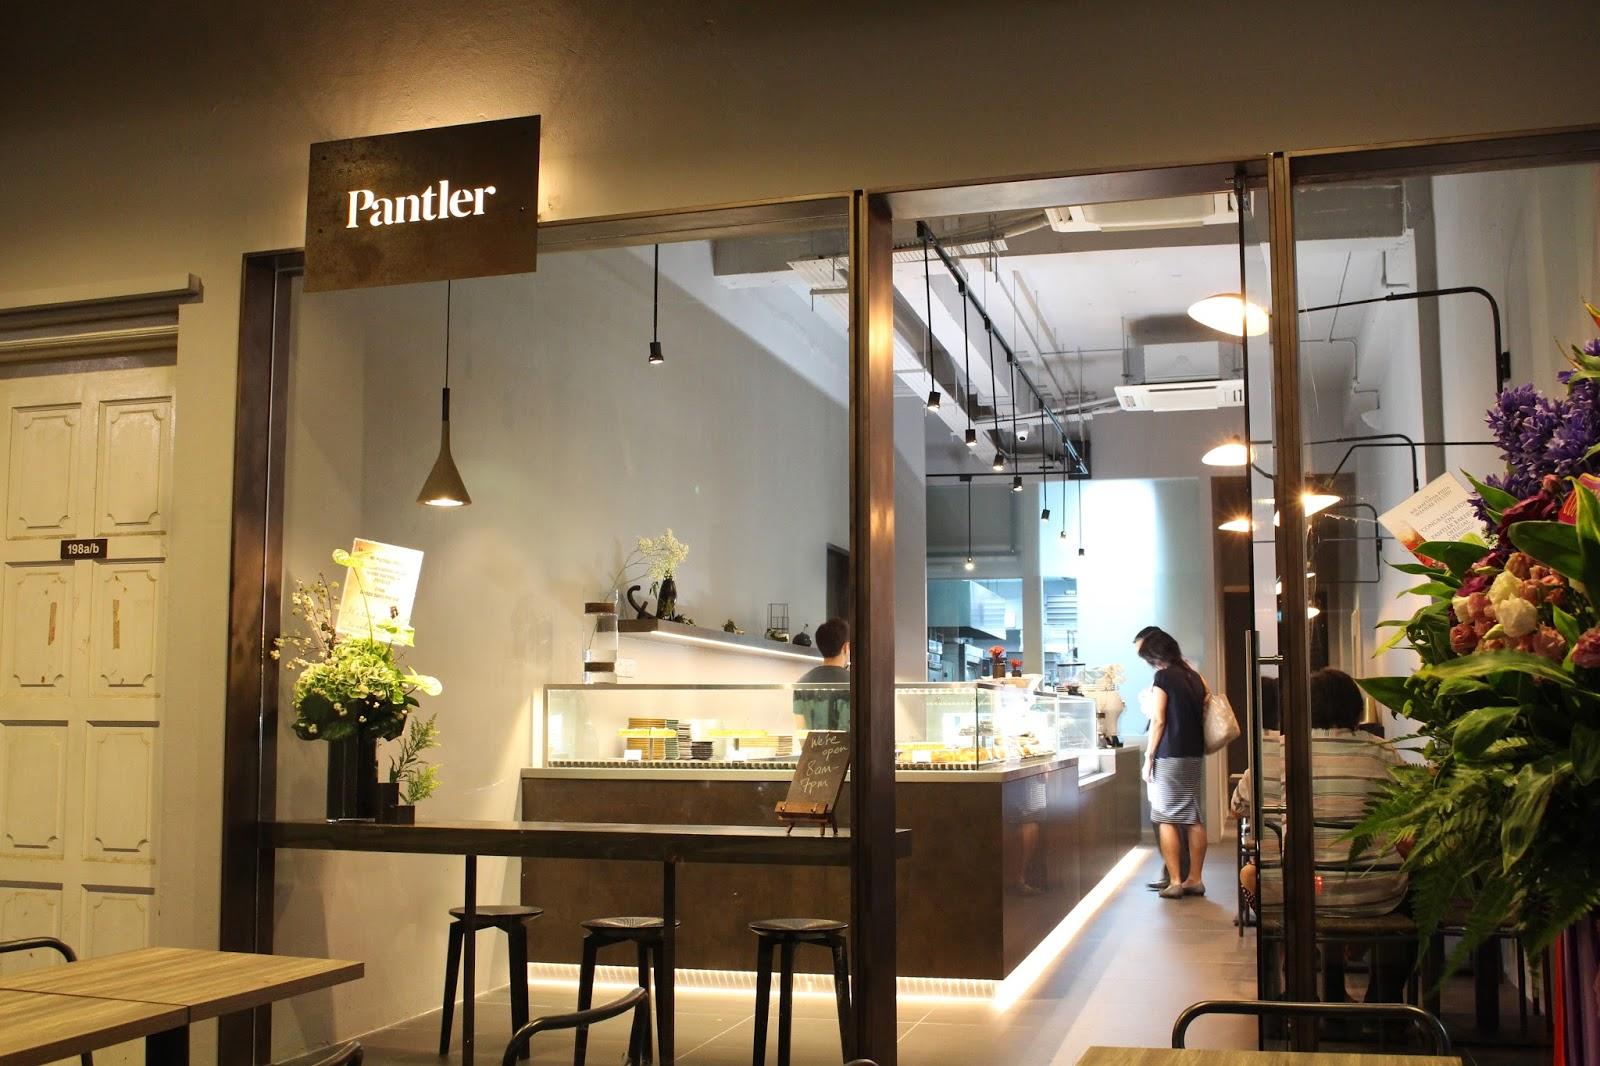 Pantler Cafe Exterior